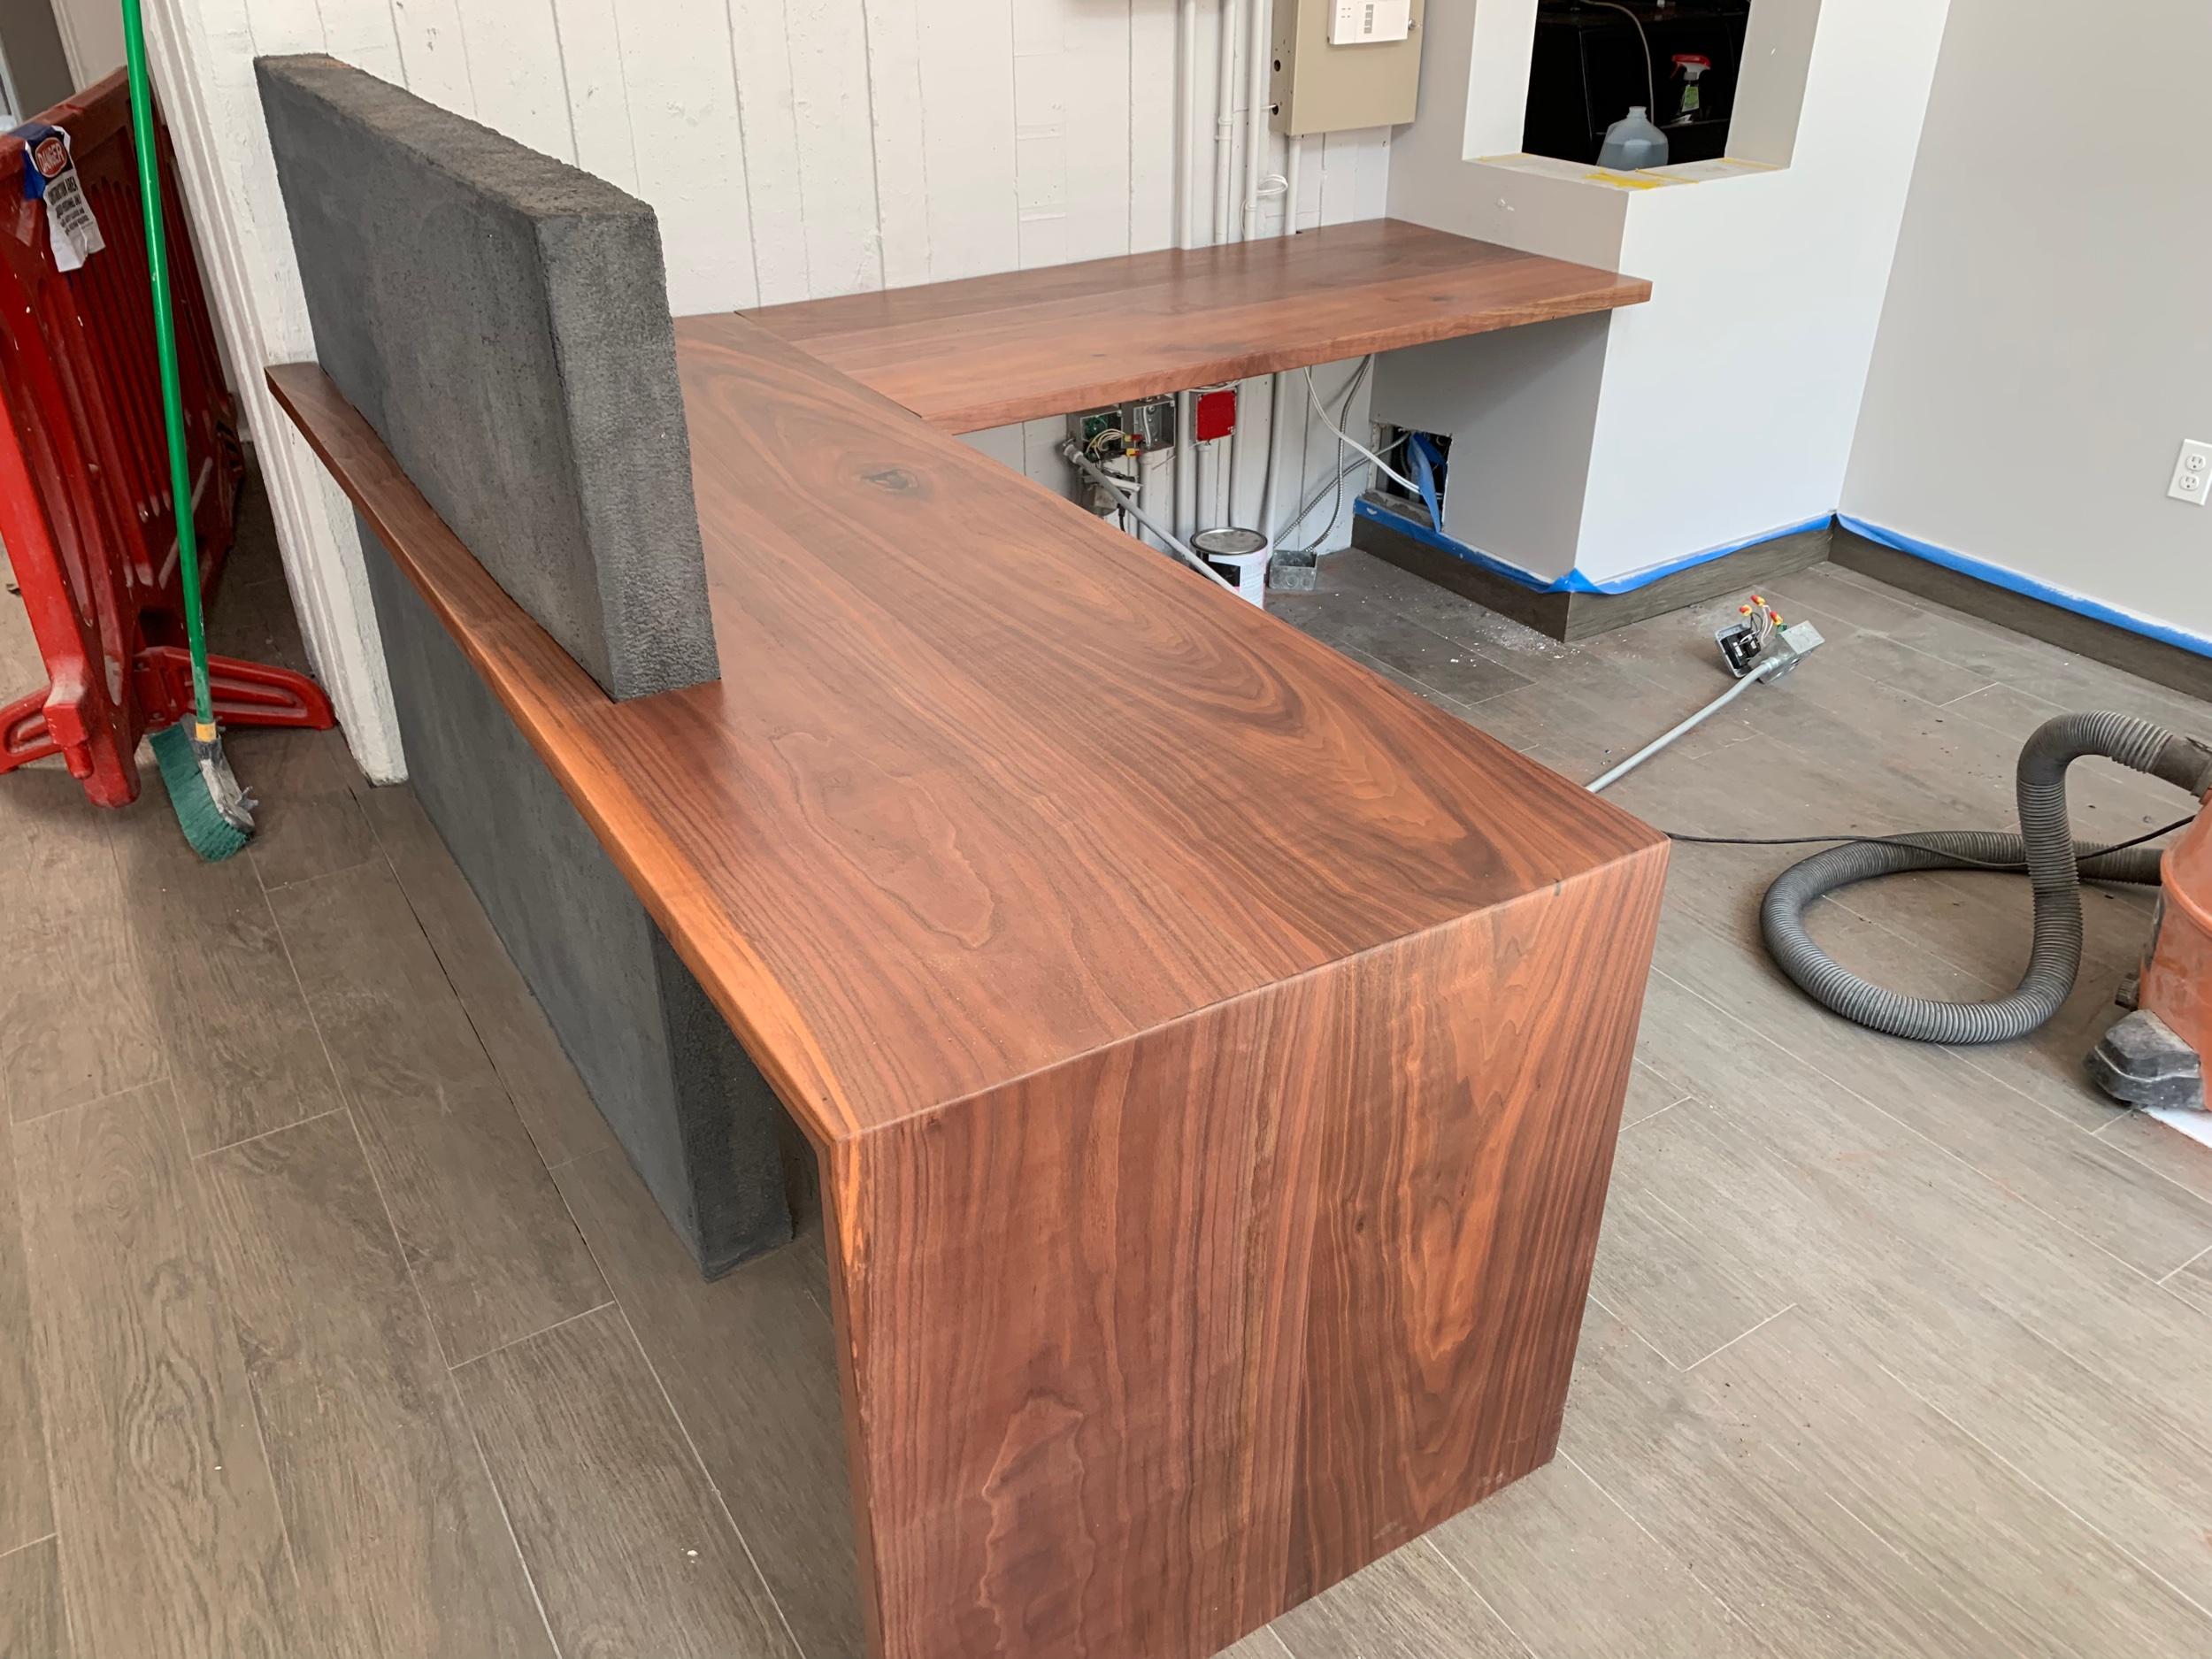 Walnut and concrete counter reception desk.